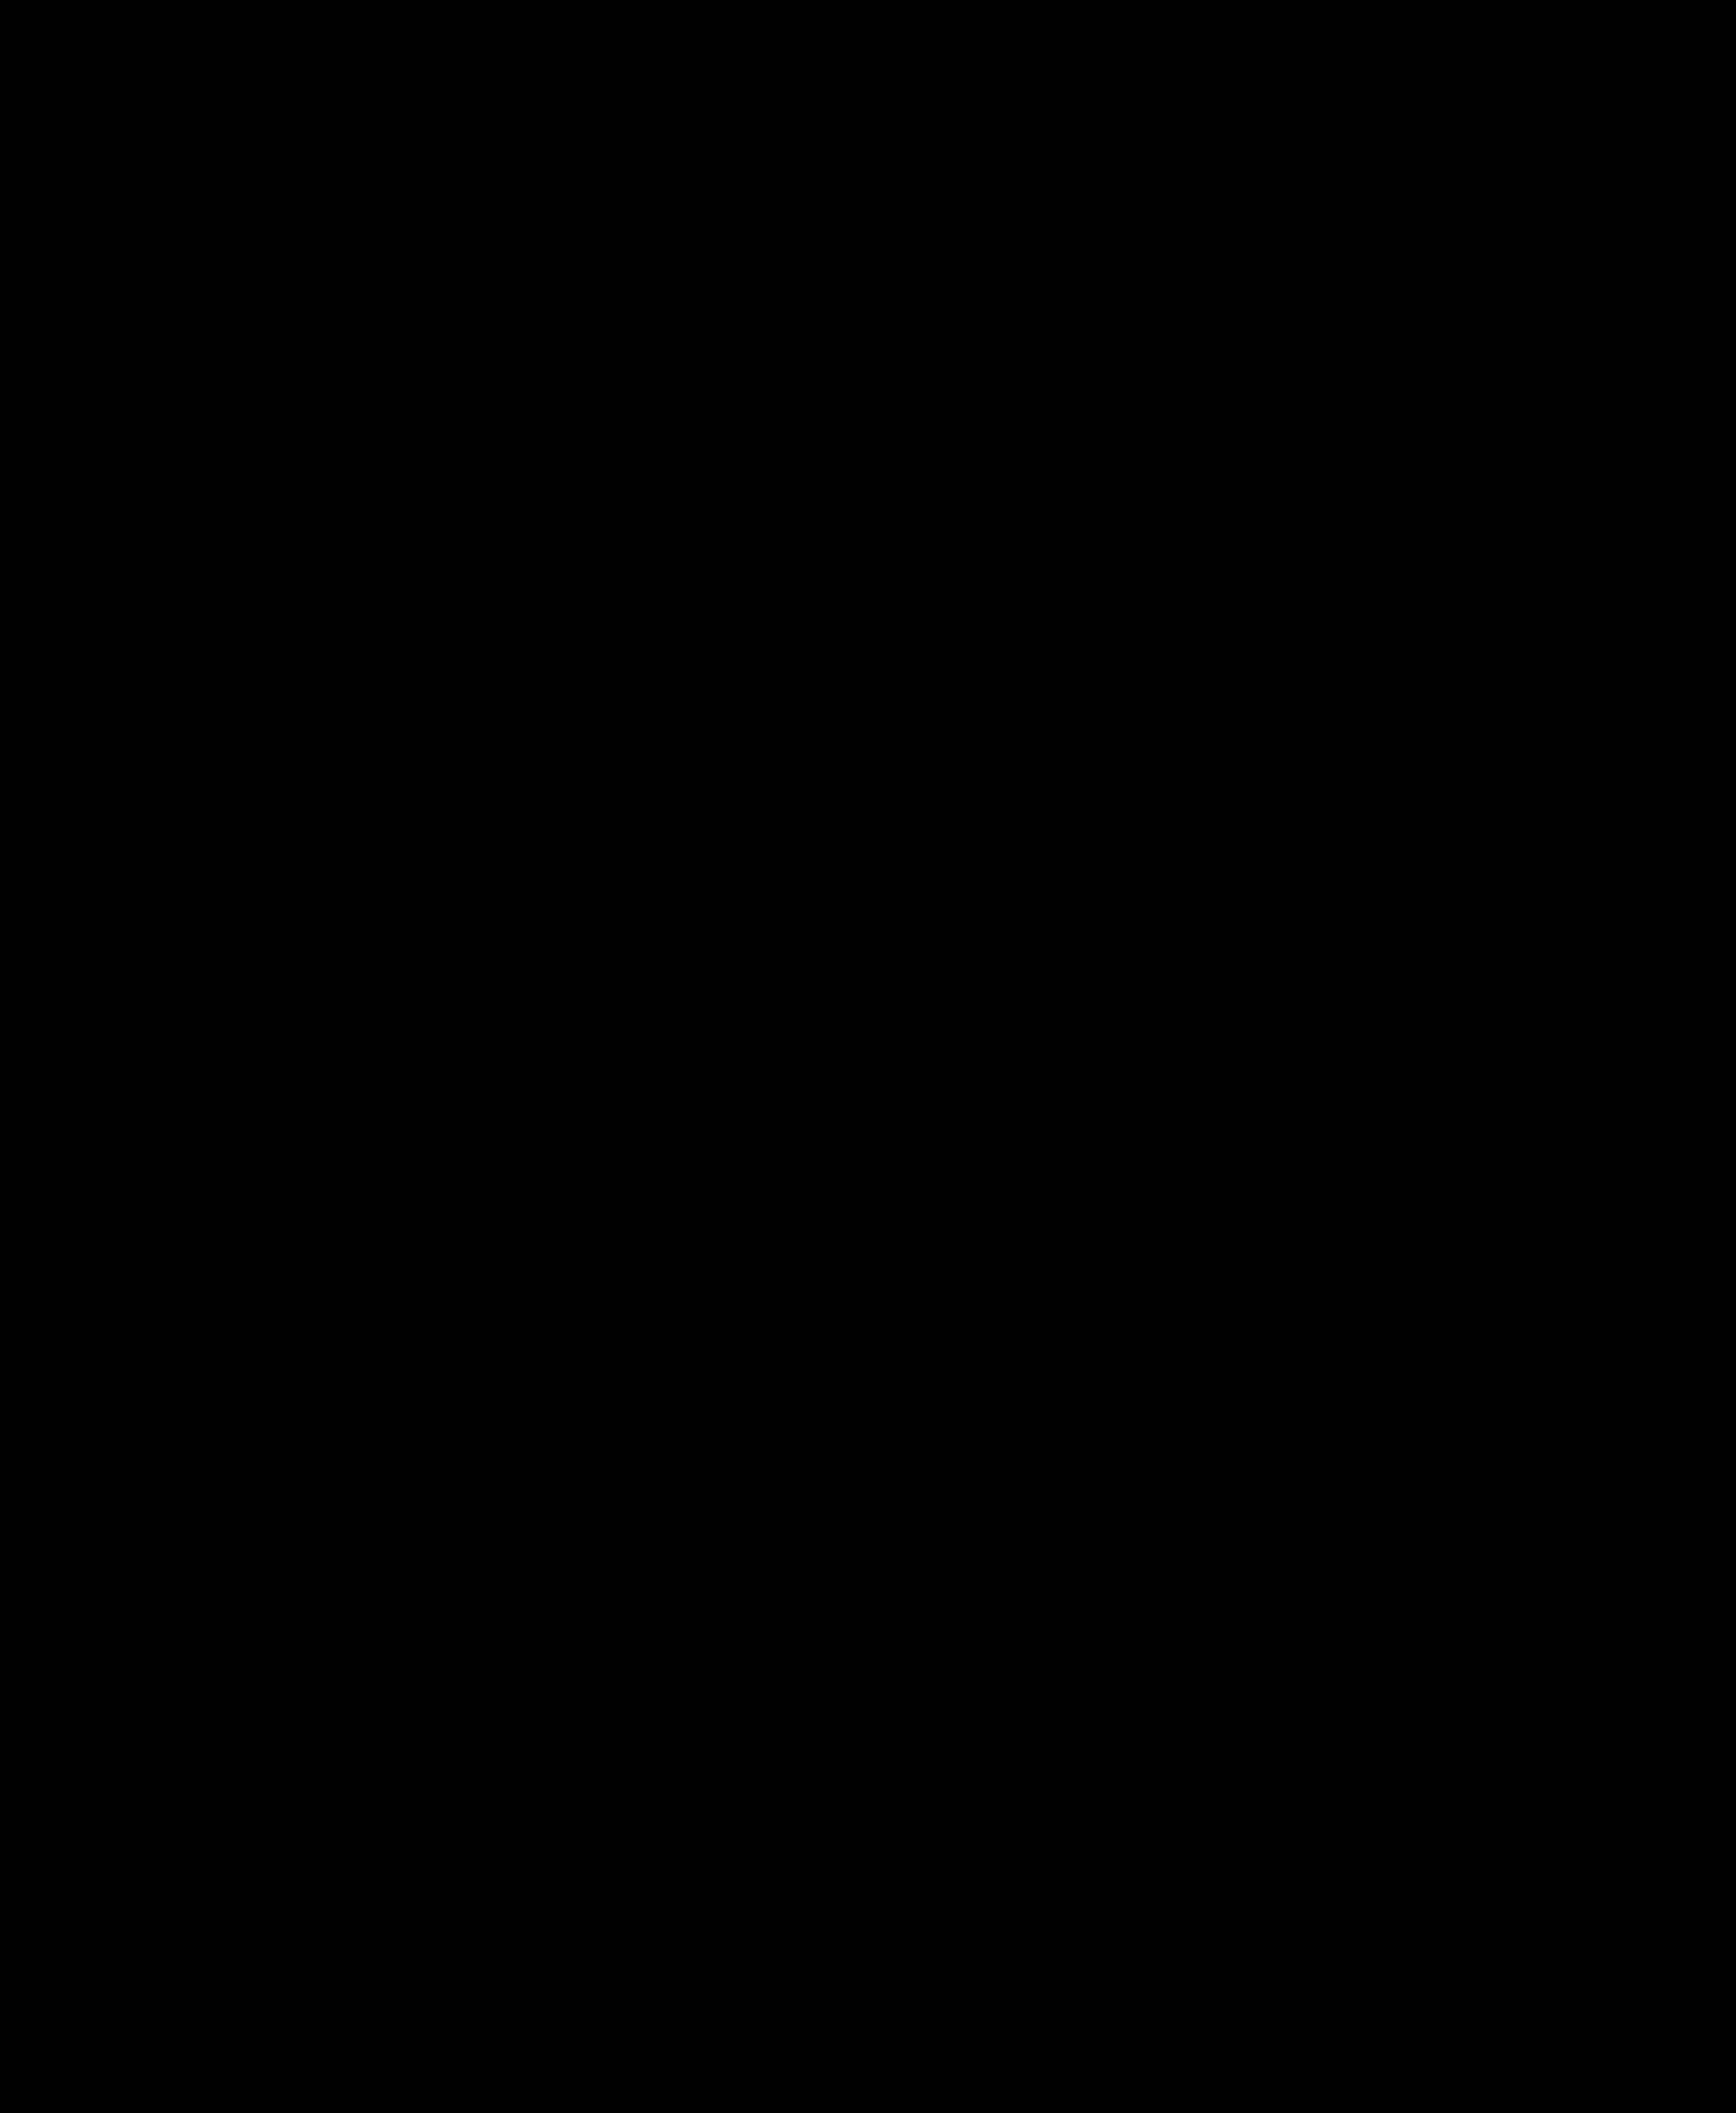 manifesto-banff-2018-napoli-direzione-verticale